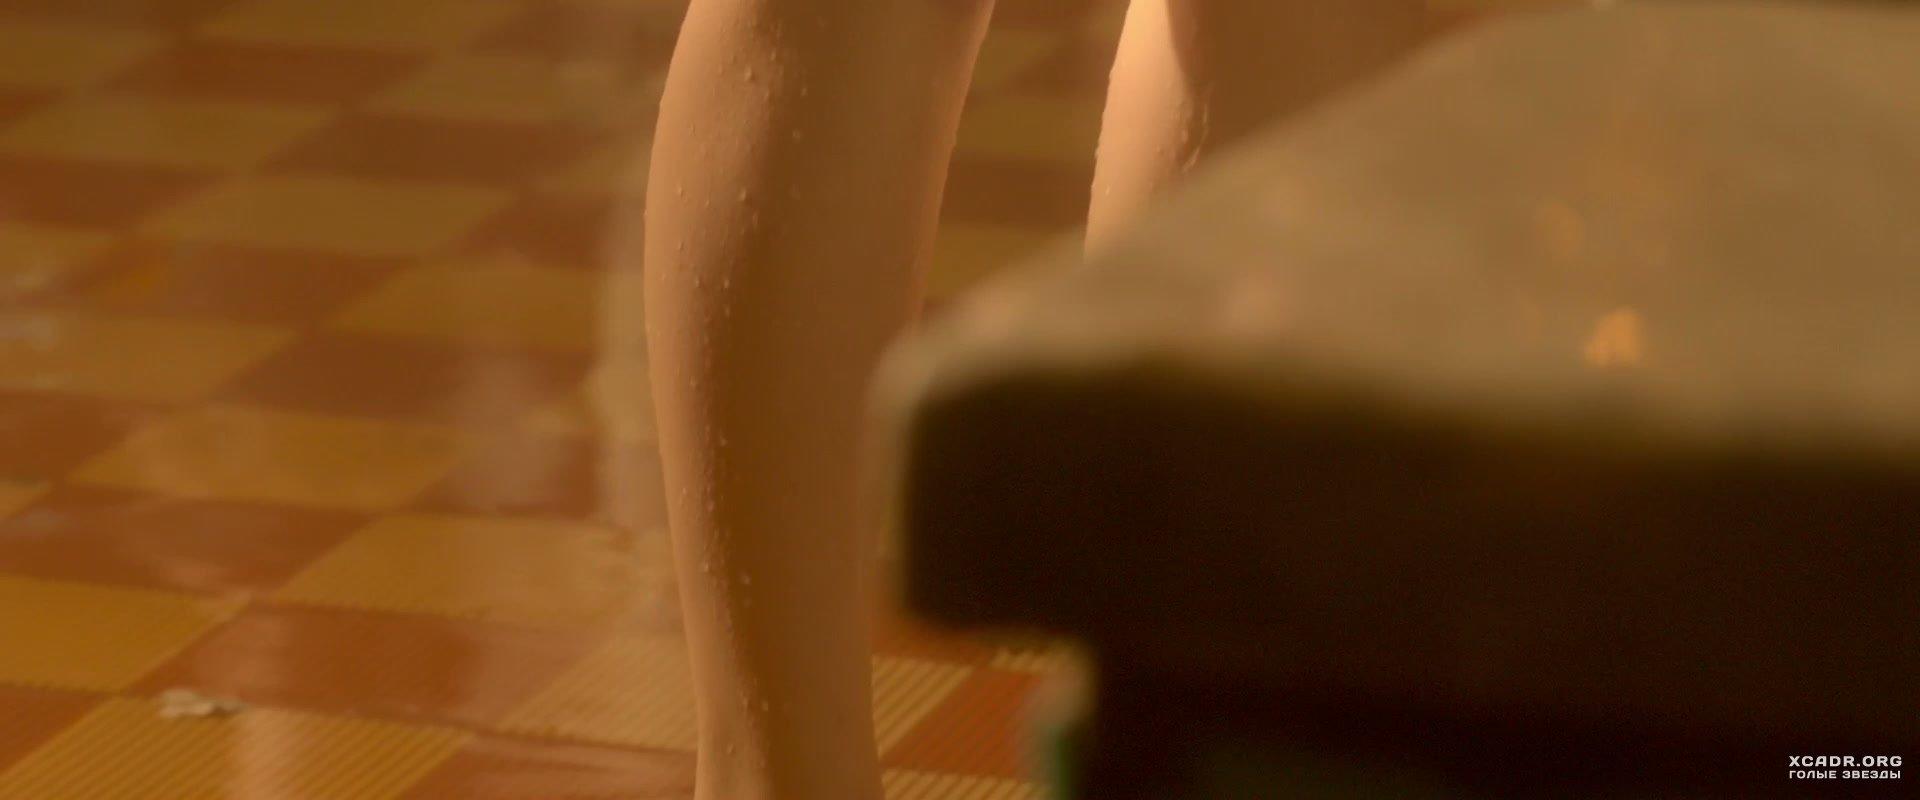 порно жесткое порево смотреть онлайн